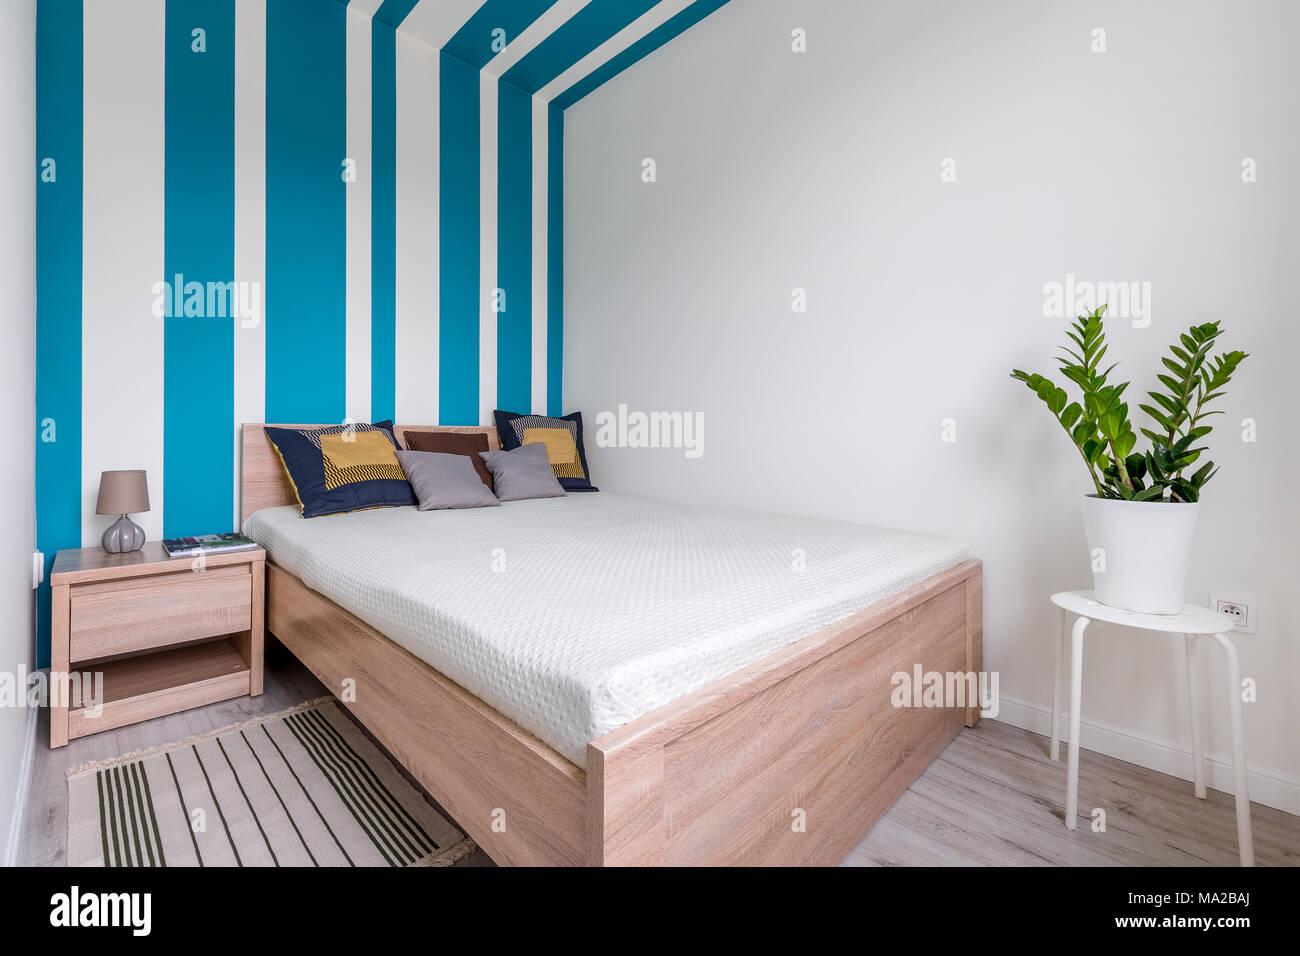 Contemporanee camere da letto con letto matrimoniale e la parete a ...